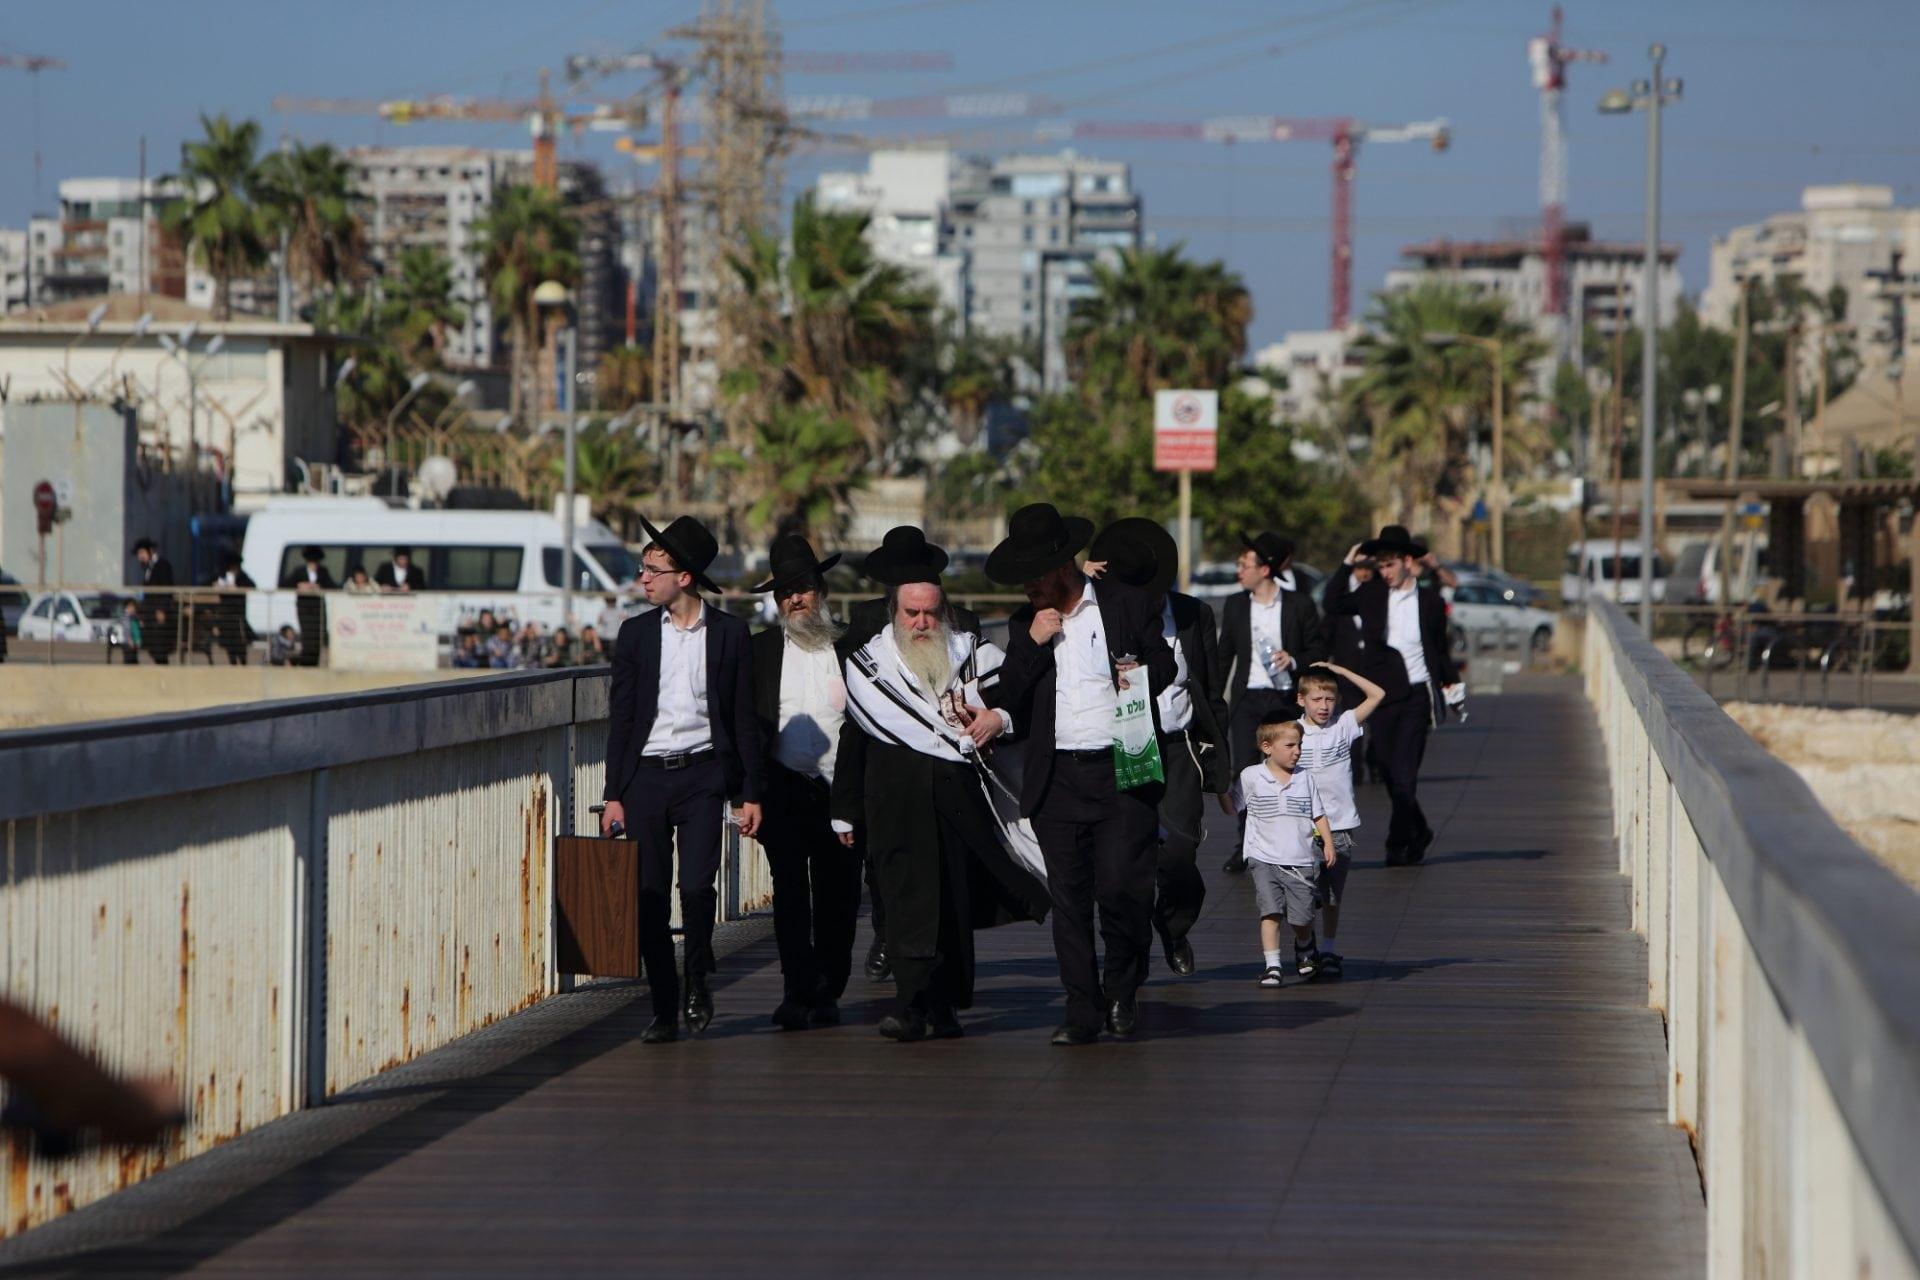 כדי לאכוף את החוק צריך קונצנזוס רחב. שבת בתל אביב צילום: יעקב נעמי, פלאש 90